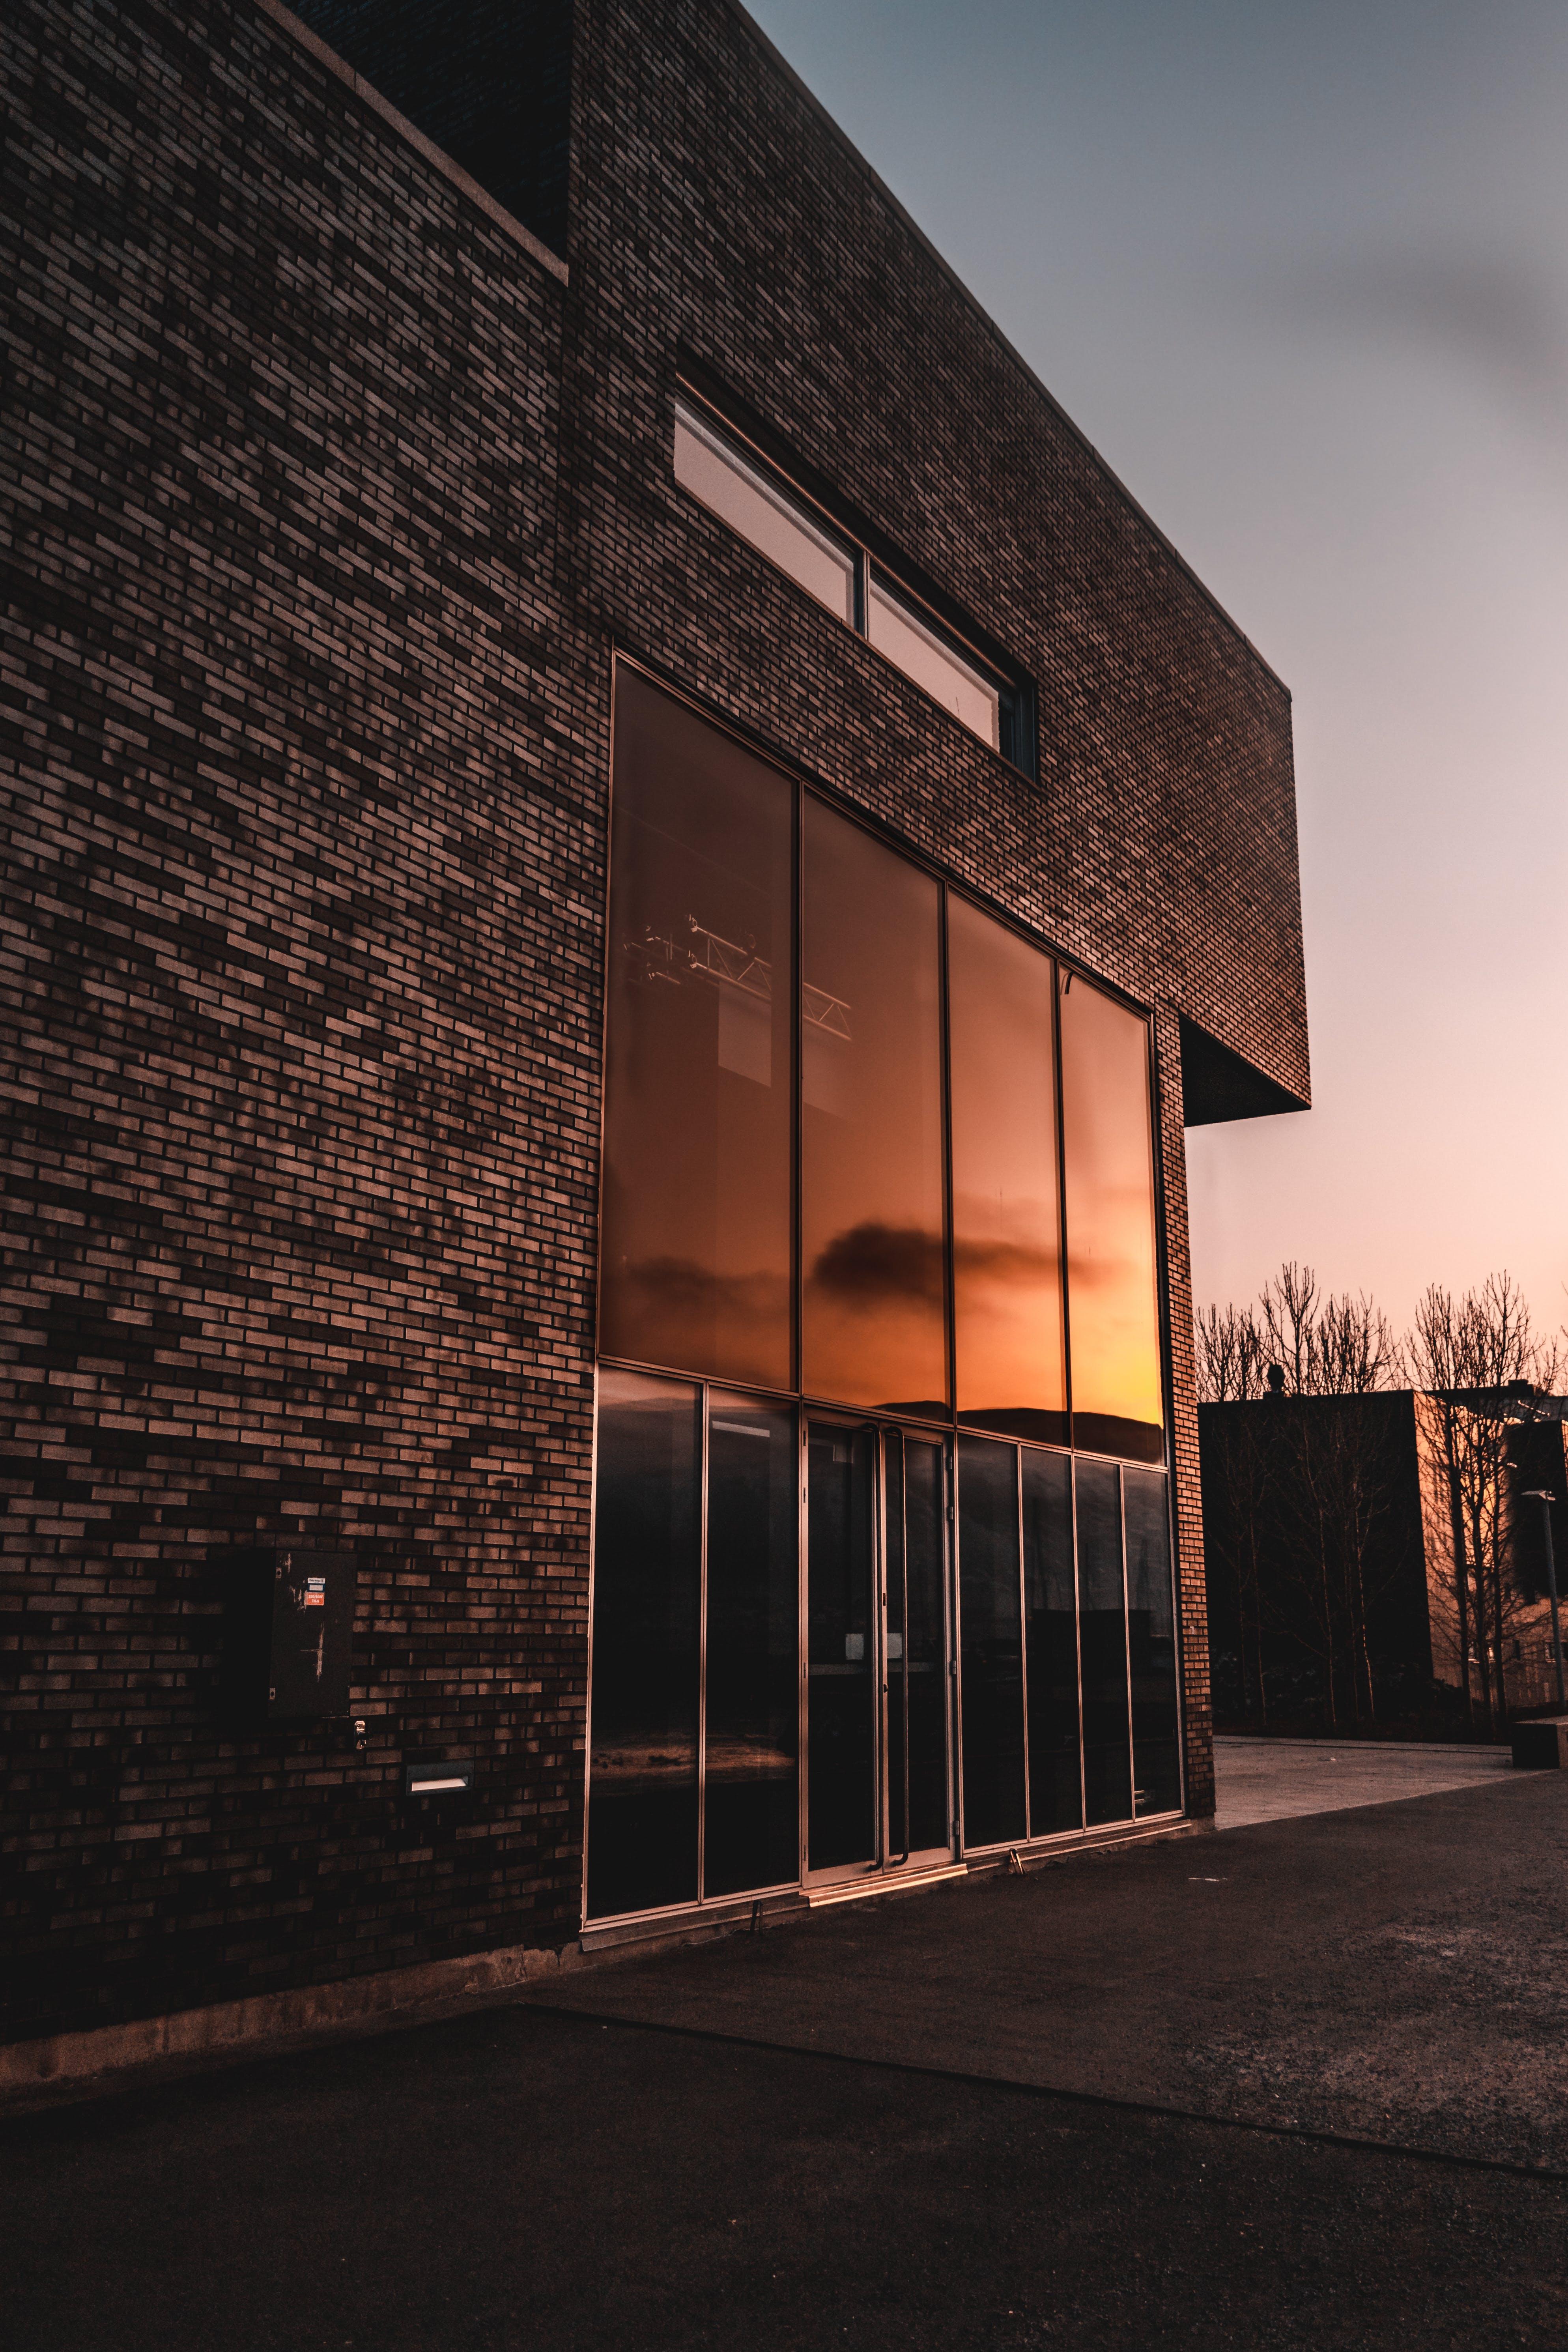 Δωρεάν στοκ φωτογραφιών με αρχιτεκτονική, αυγή, γυάλινα αντικείμενα, θύρα